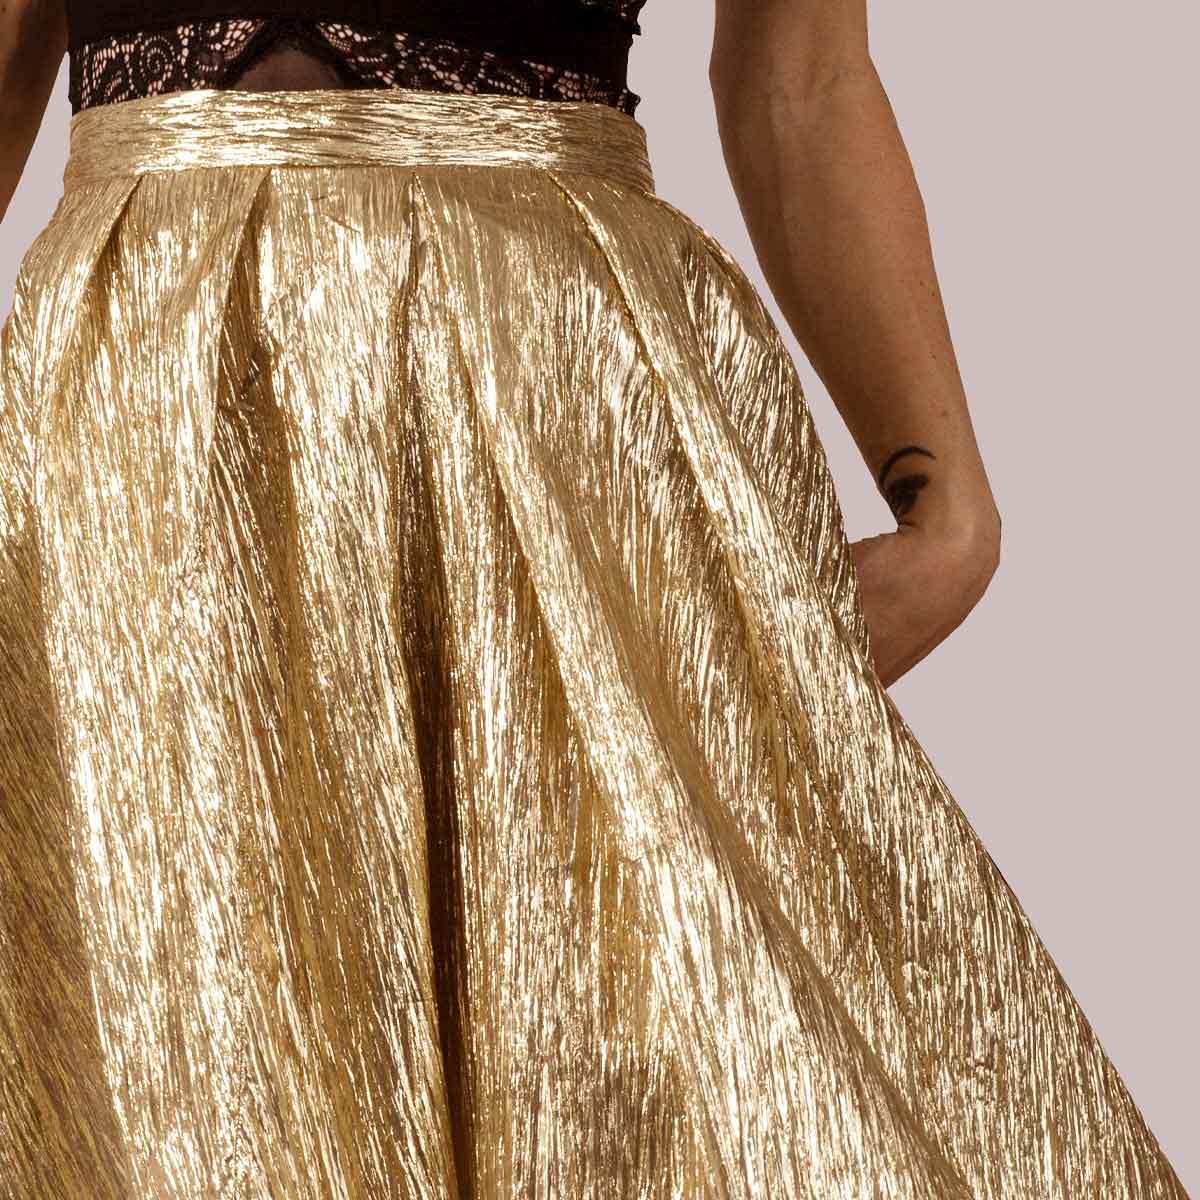 Gudnitz Copenhagen. AW33 Holly Dress. Dress Up. Gold Dress. Dresses. Party dress. Cocktail dress. Evening wear. Dinner dress. Party dress. Designer dress. Casual dress. New Year